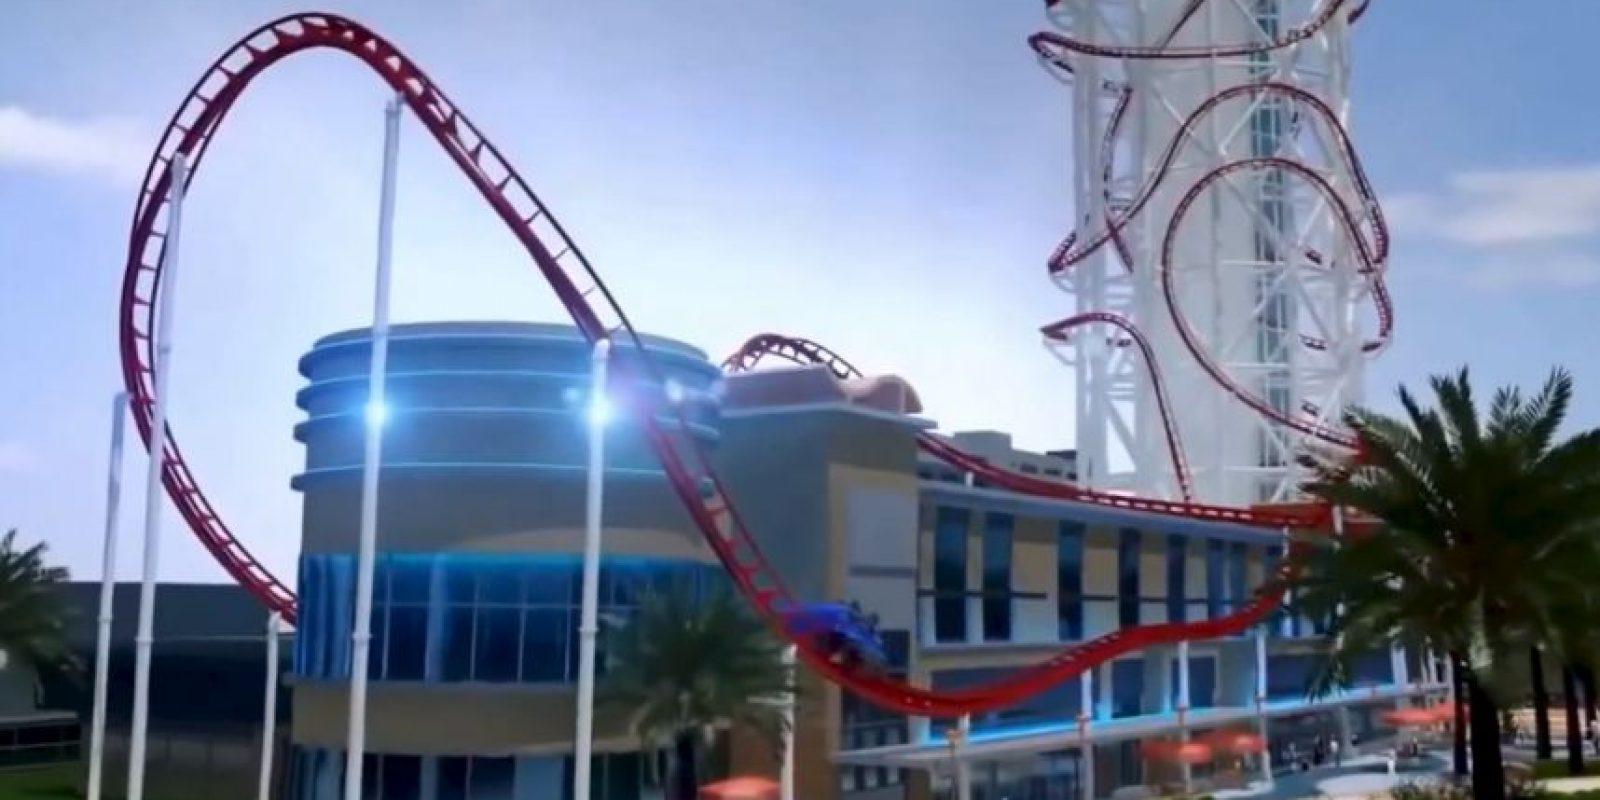 Skyscraper se ubicará en el parque de diversiones SkyPlex complex en Orlando, Florida Foto:YouTube/ animación